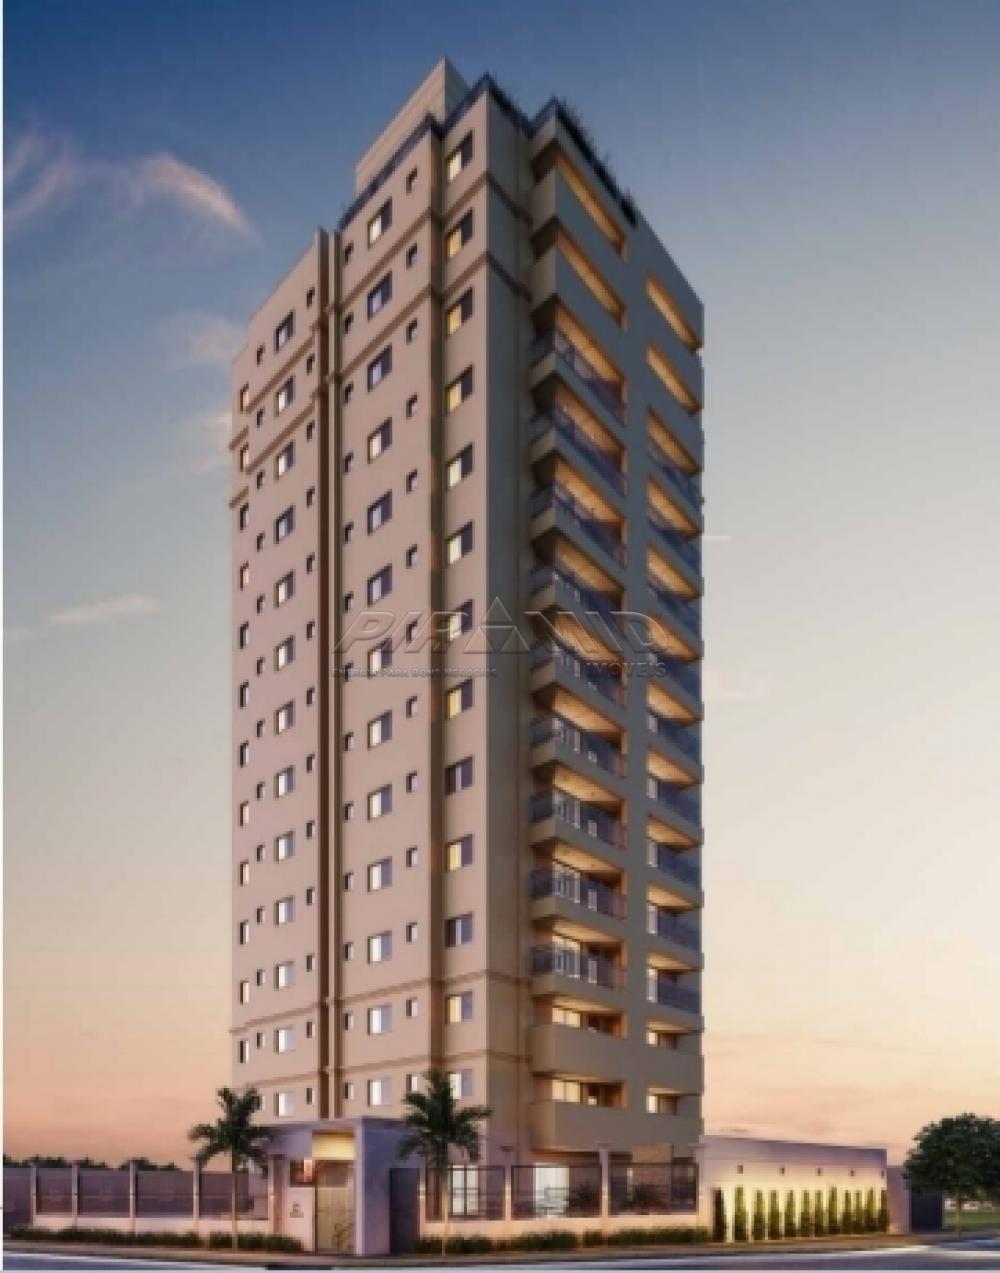 Comprar Apartamento / Padrão em Ribeirão Preto R$ 263.000,00 - Foto 2